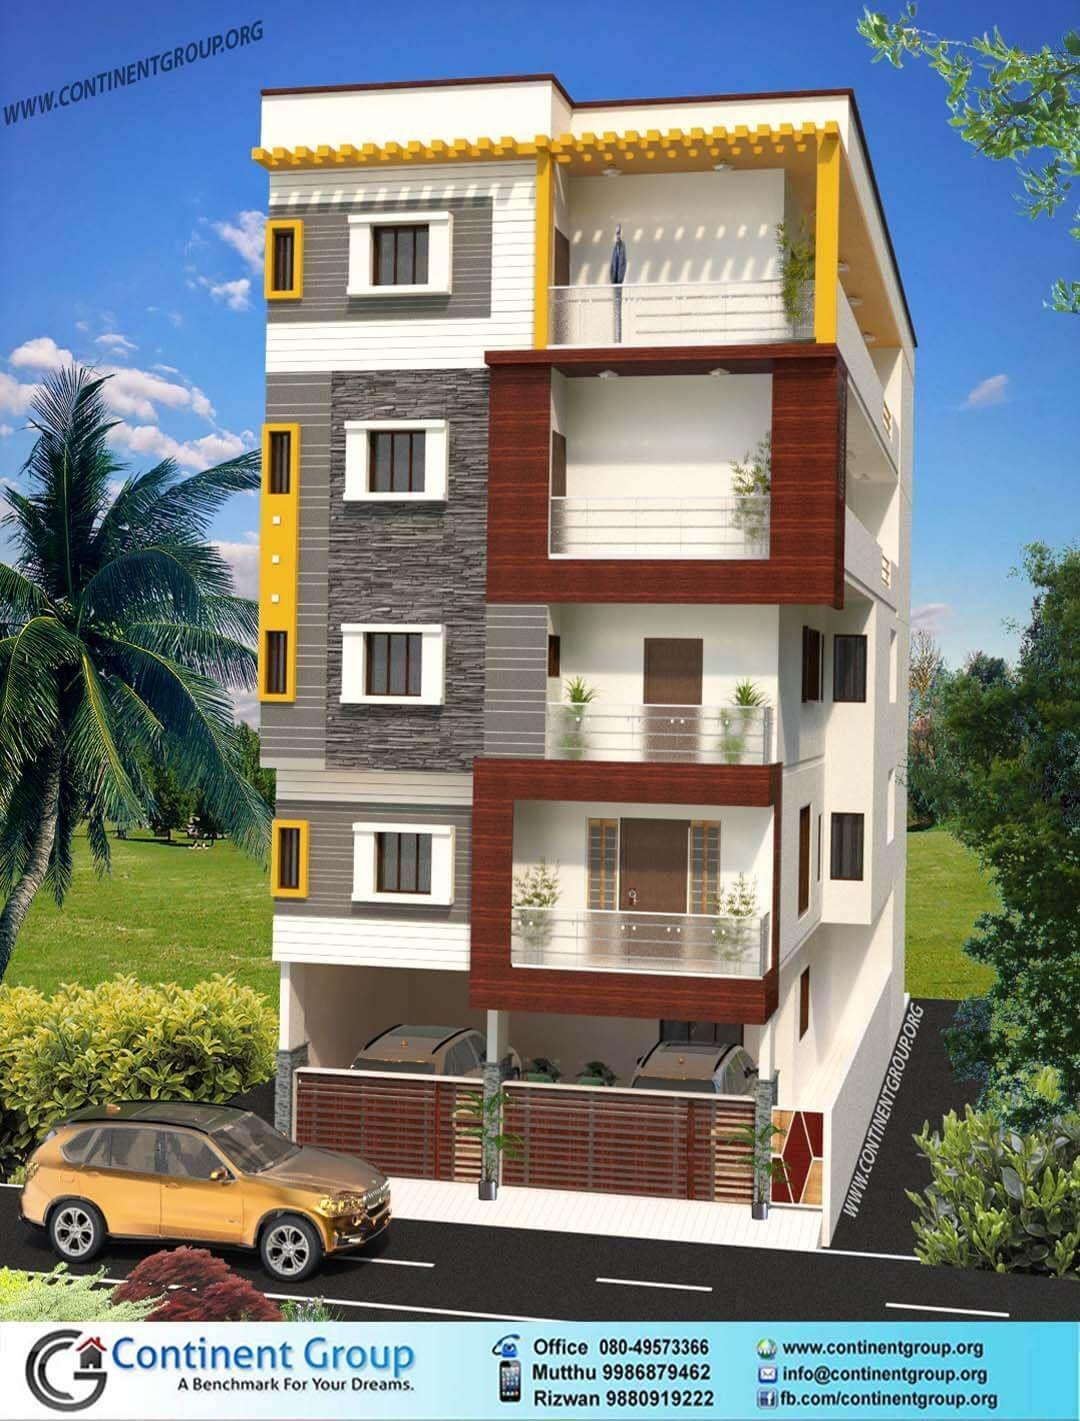 3d Building Elevation Bangalore Building Elevation In 3d Elevation Designers In Bangalore Building House Elevation Building Front Designs Building Elevation